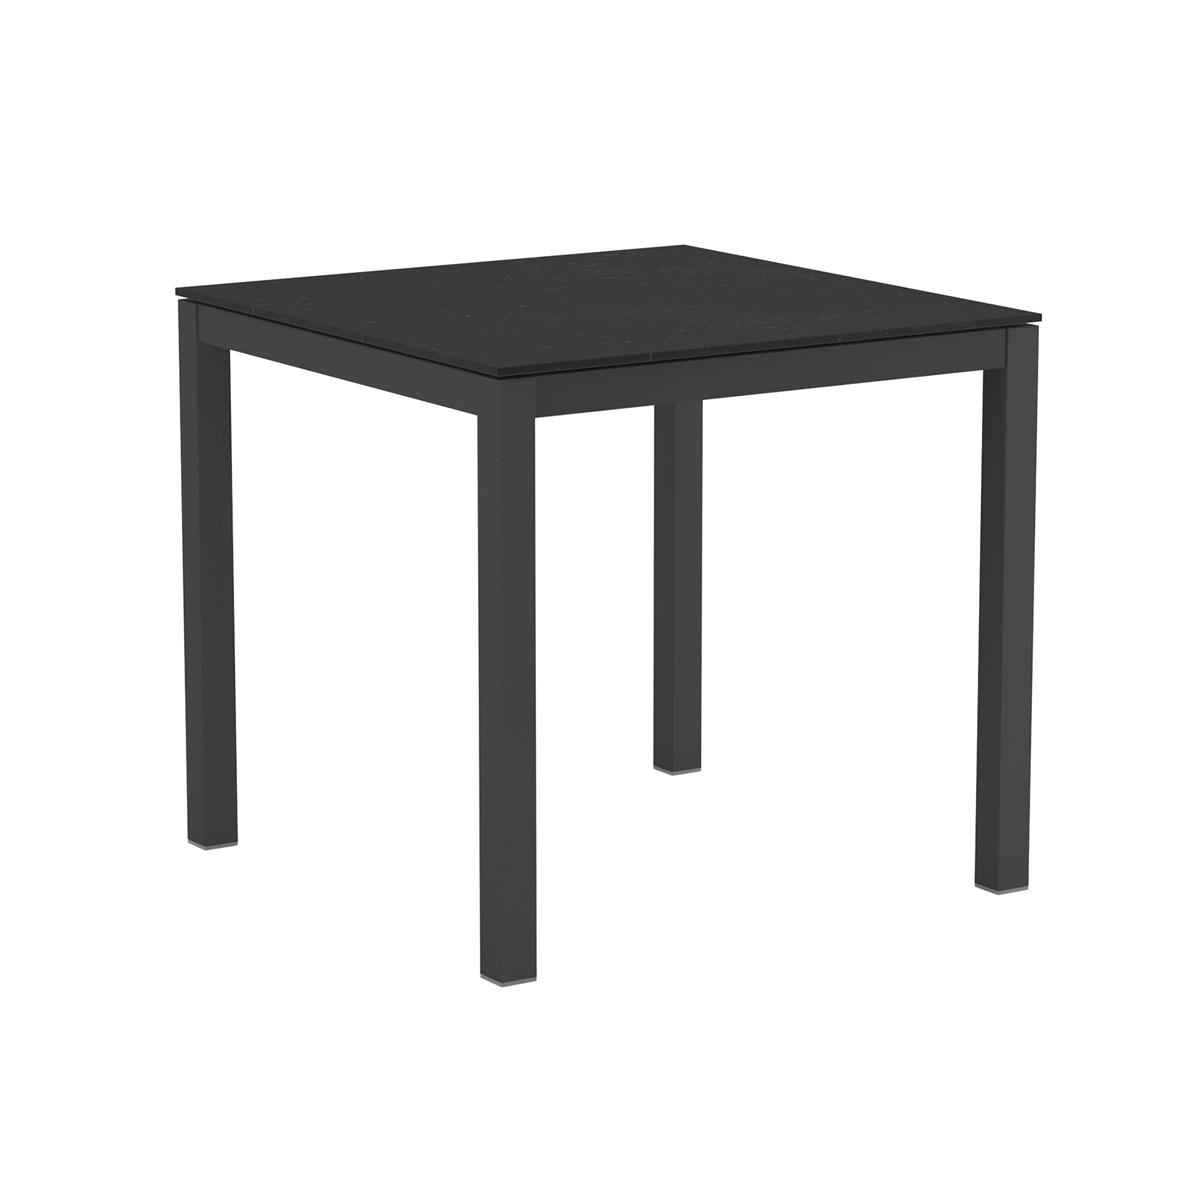 Taboela 80 Table - на 360.ru: цены, описание, характеристики, где купить в Москве.